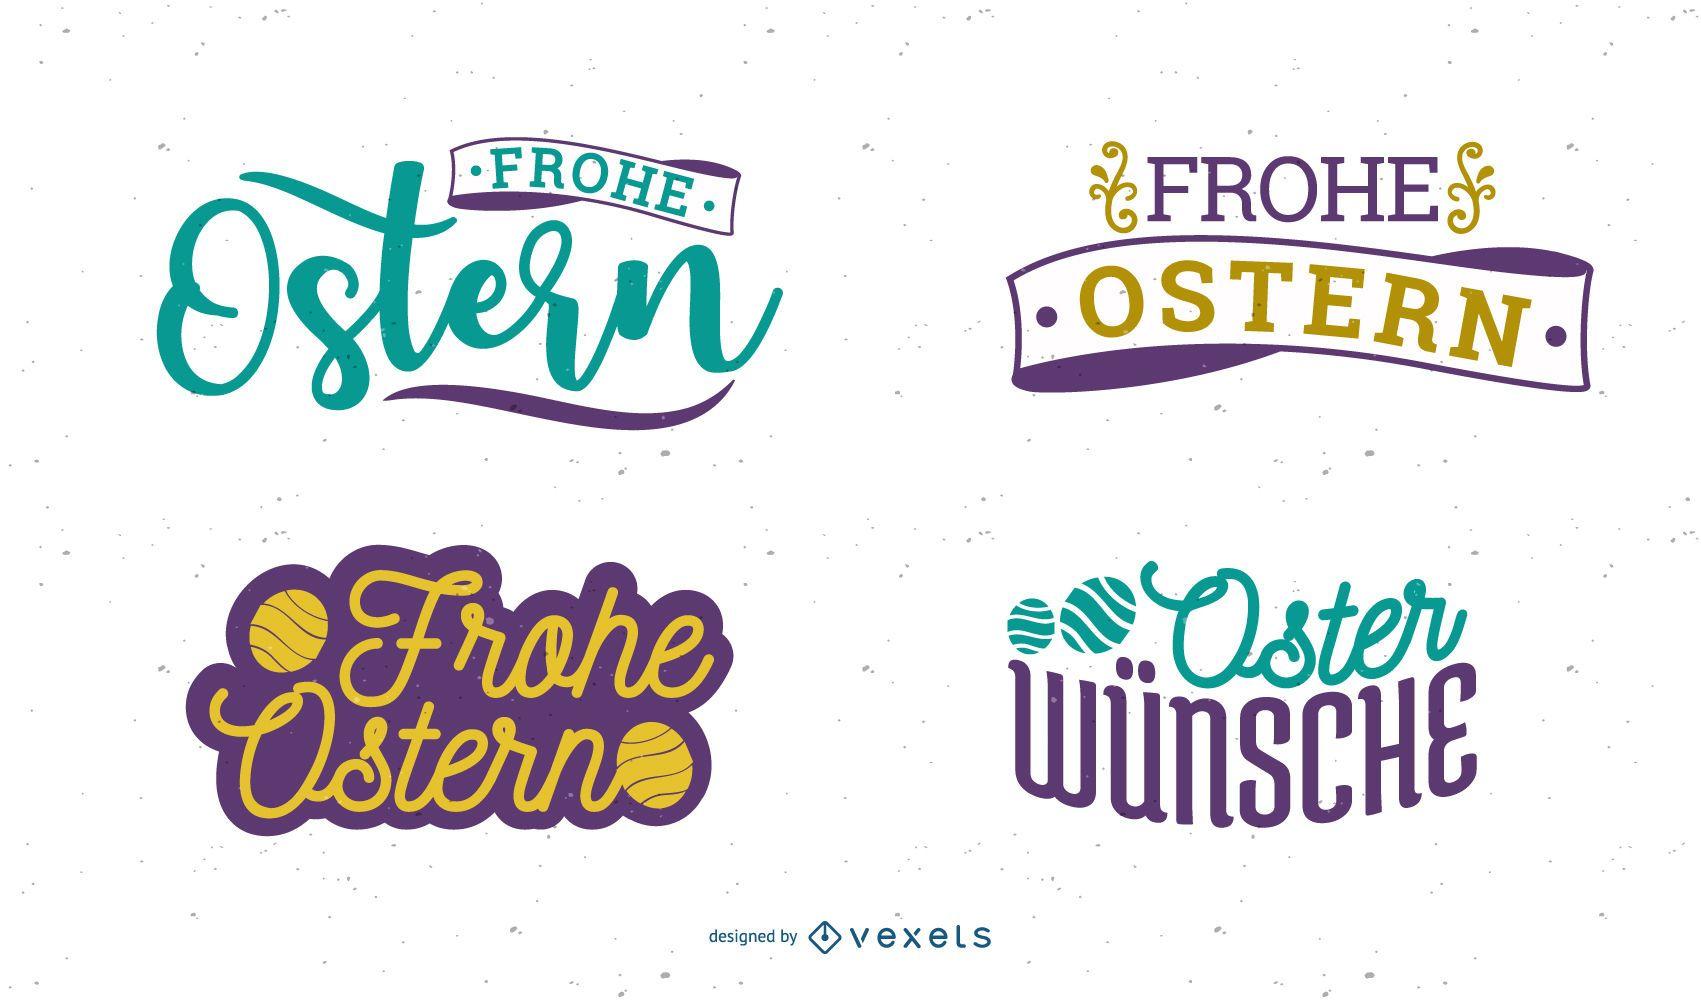 Diseño de saludo de Pascua de Frohe Ostern